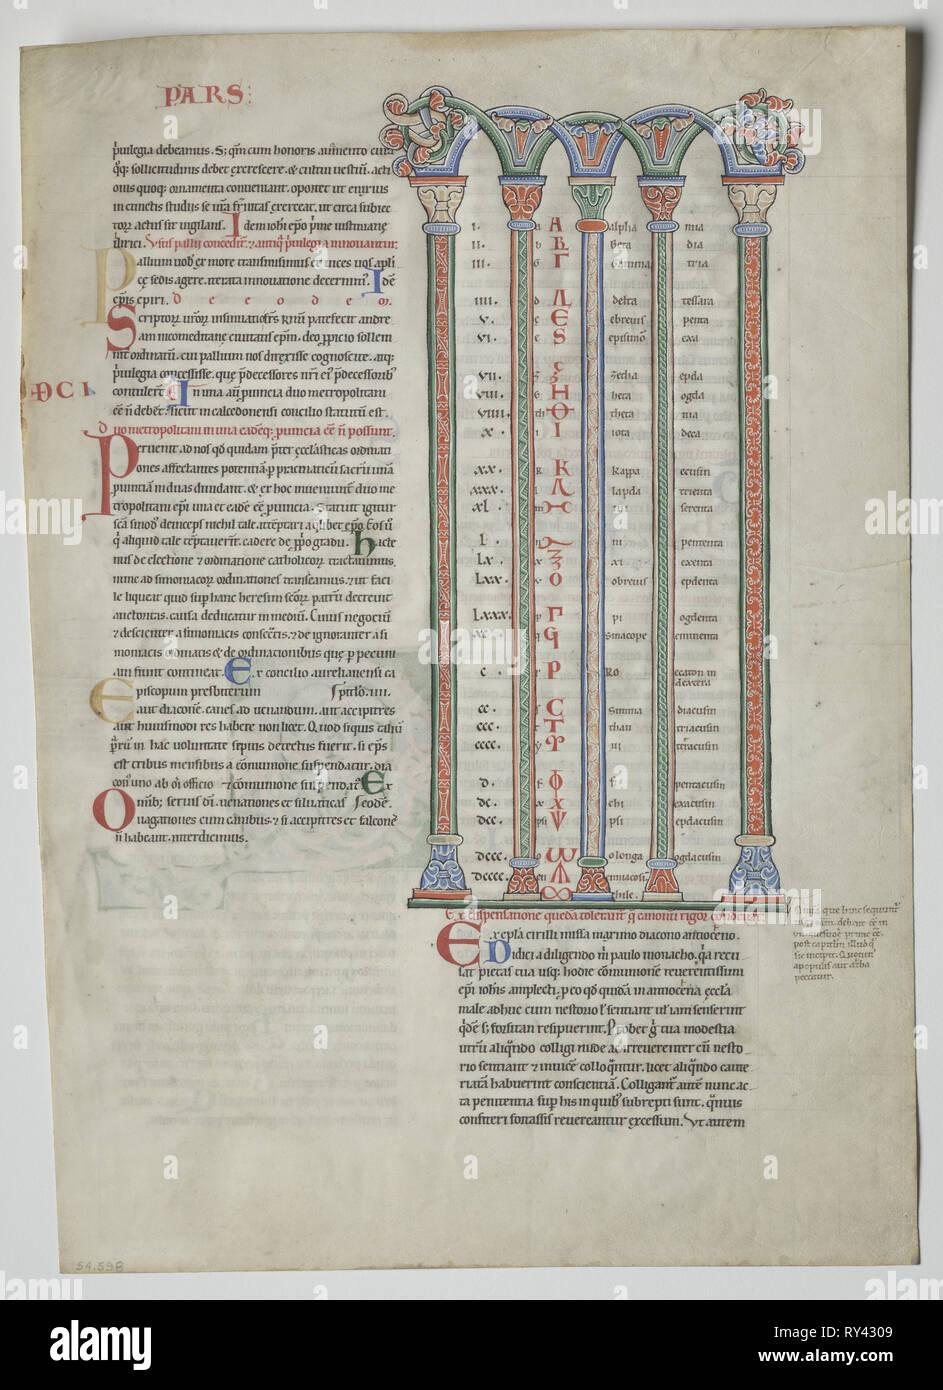 Une feuille d'un Decretum par Gratien: Chambre Double Arcade avec Concordance des alphabets latin et grec , ch. 1160-1165. France, Bourgogne, Archevêque de sens, l'abbaye de Pontigny, 12e siècle. Tempera et encre sur vélin; feuille: 44,8 x 32 cm (17 5/8 x 12 5/8 in.); pans: 63,5 x 48,3 cm (25 x 19 in.); enchevêtrées: 55,9 x 40,6 cm (22 x 16 in Banque D'Images